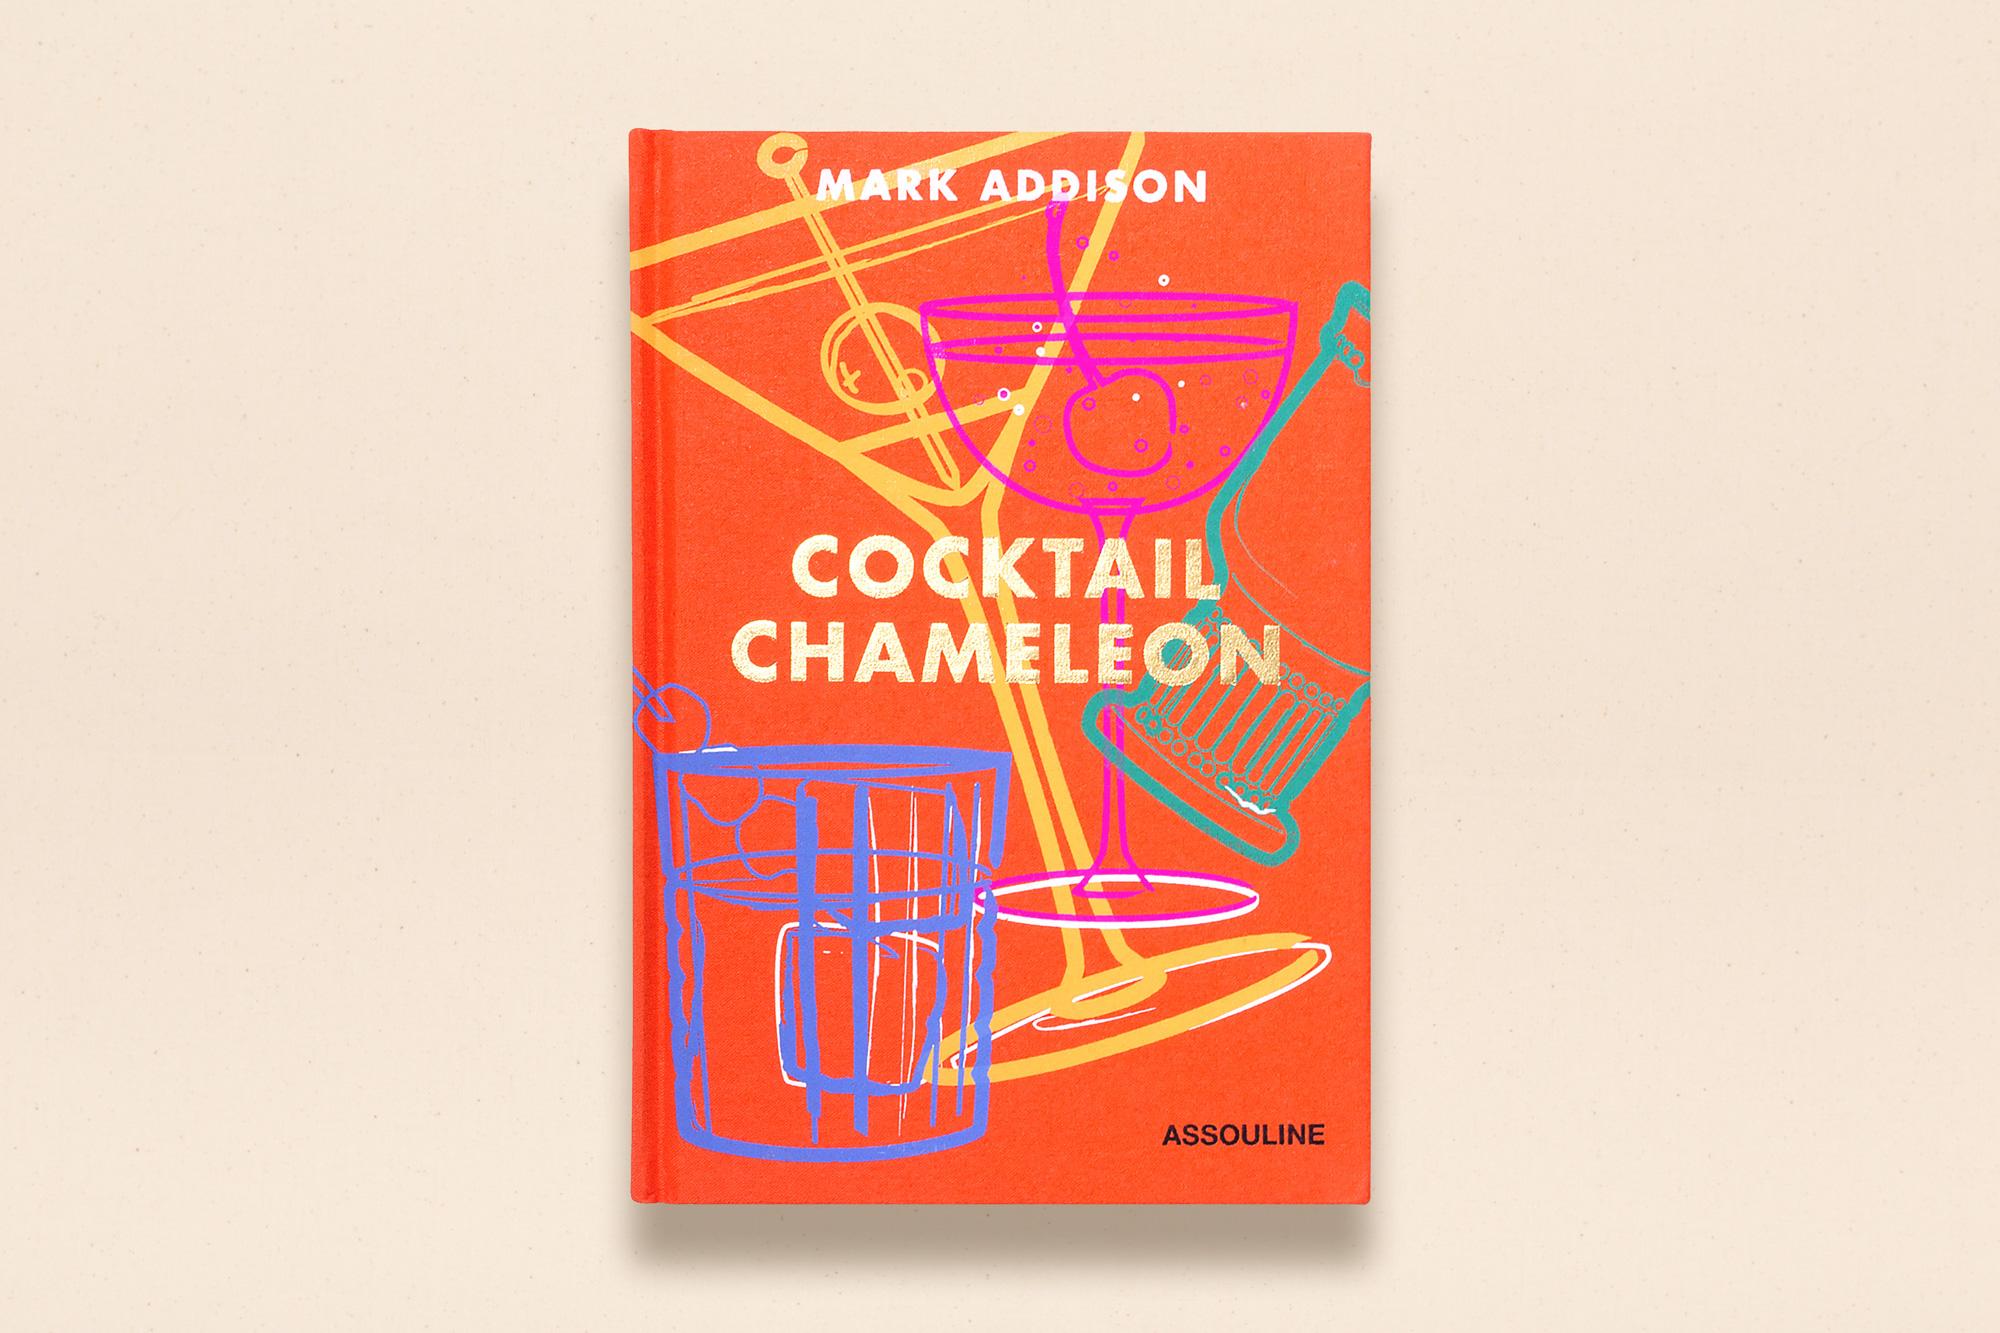 Cocktail-Chameleon